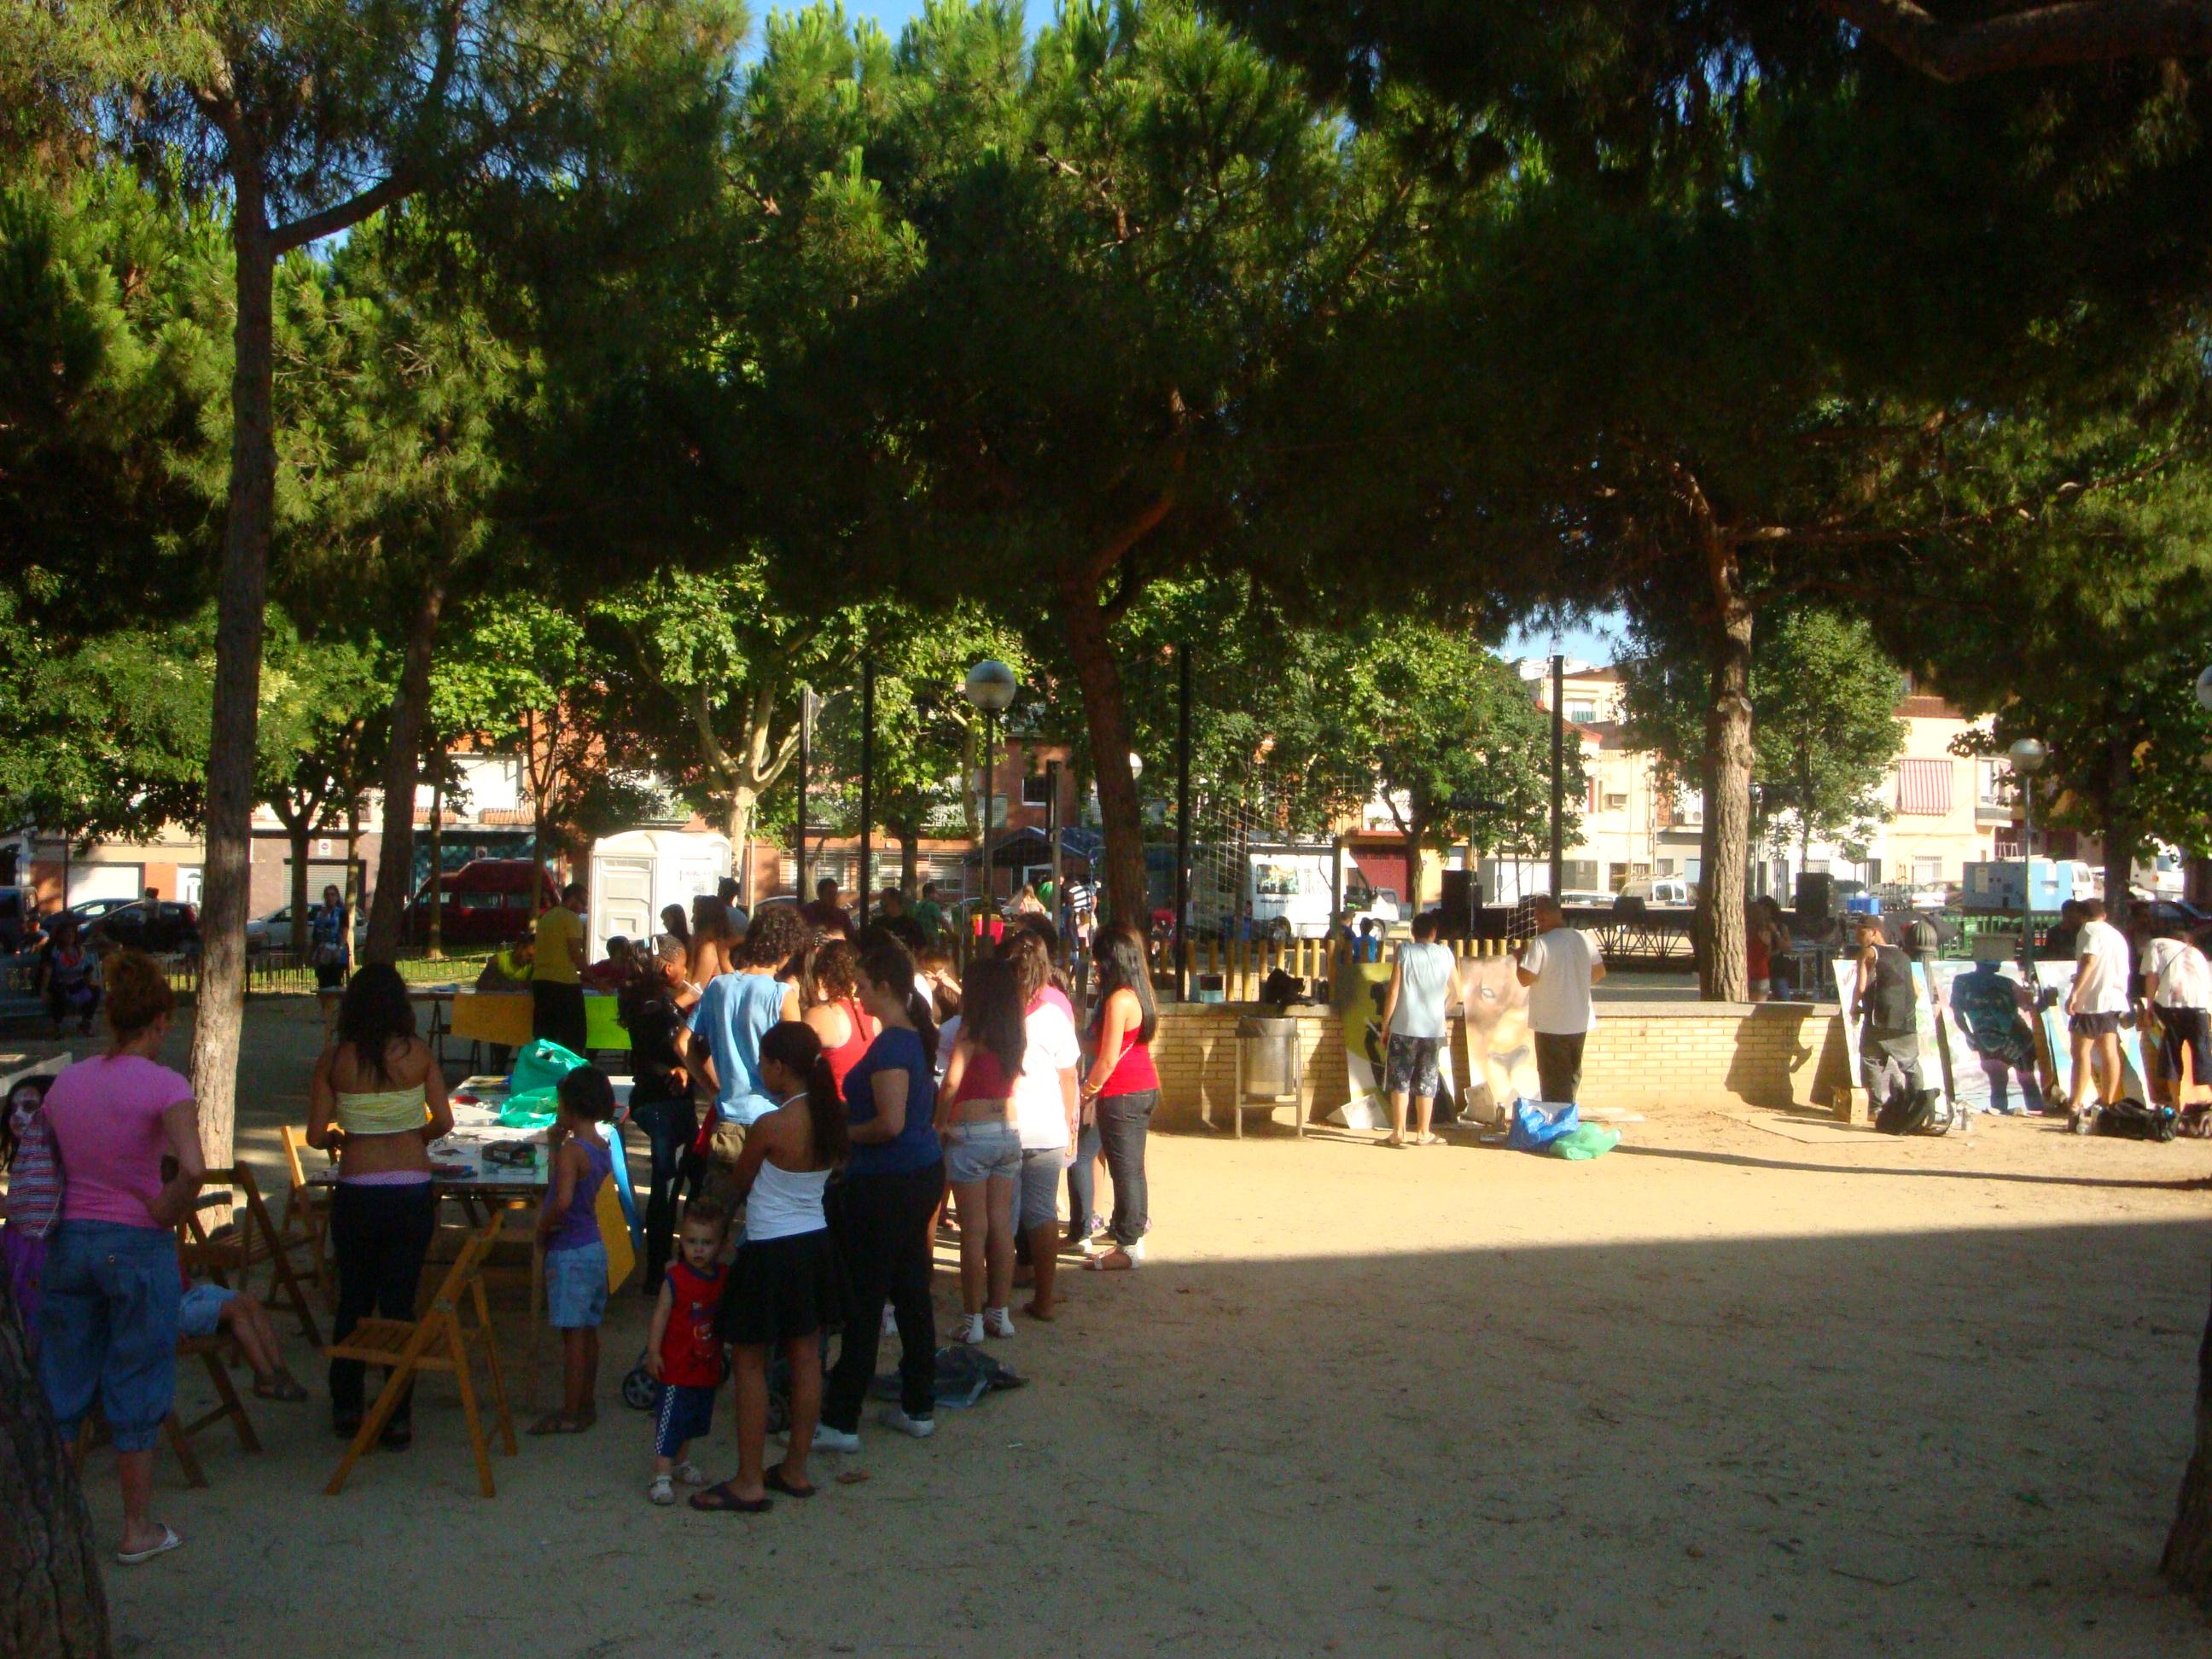 Imatge general del parc amb tallers per nens i nenes durant la festa